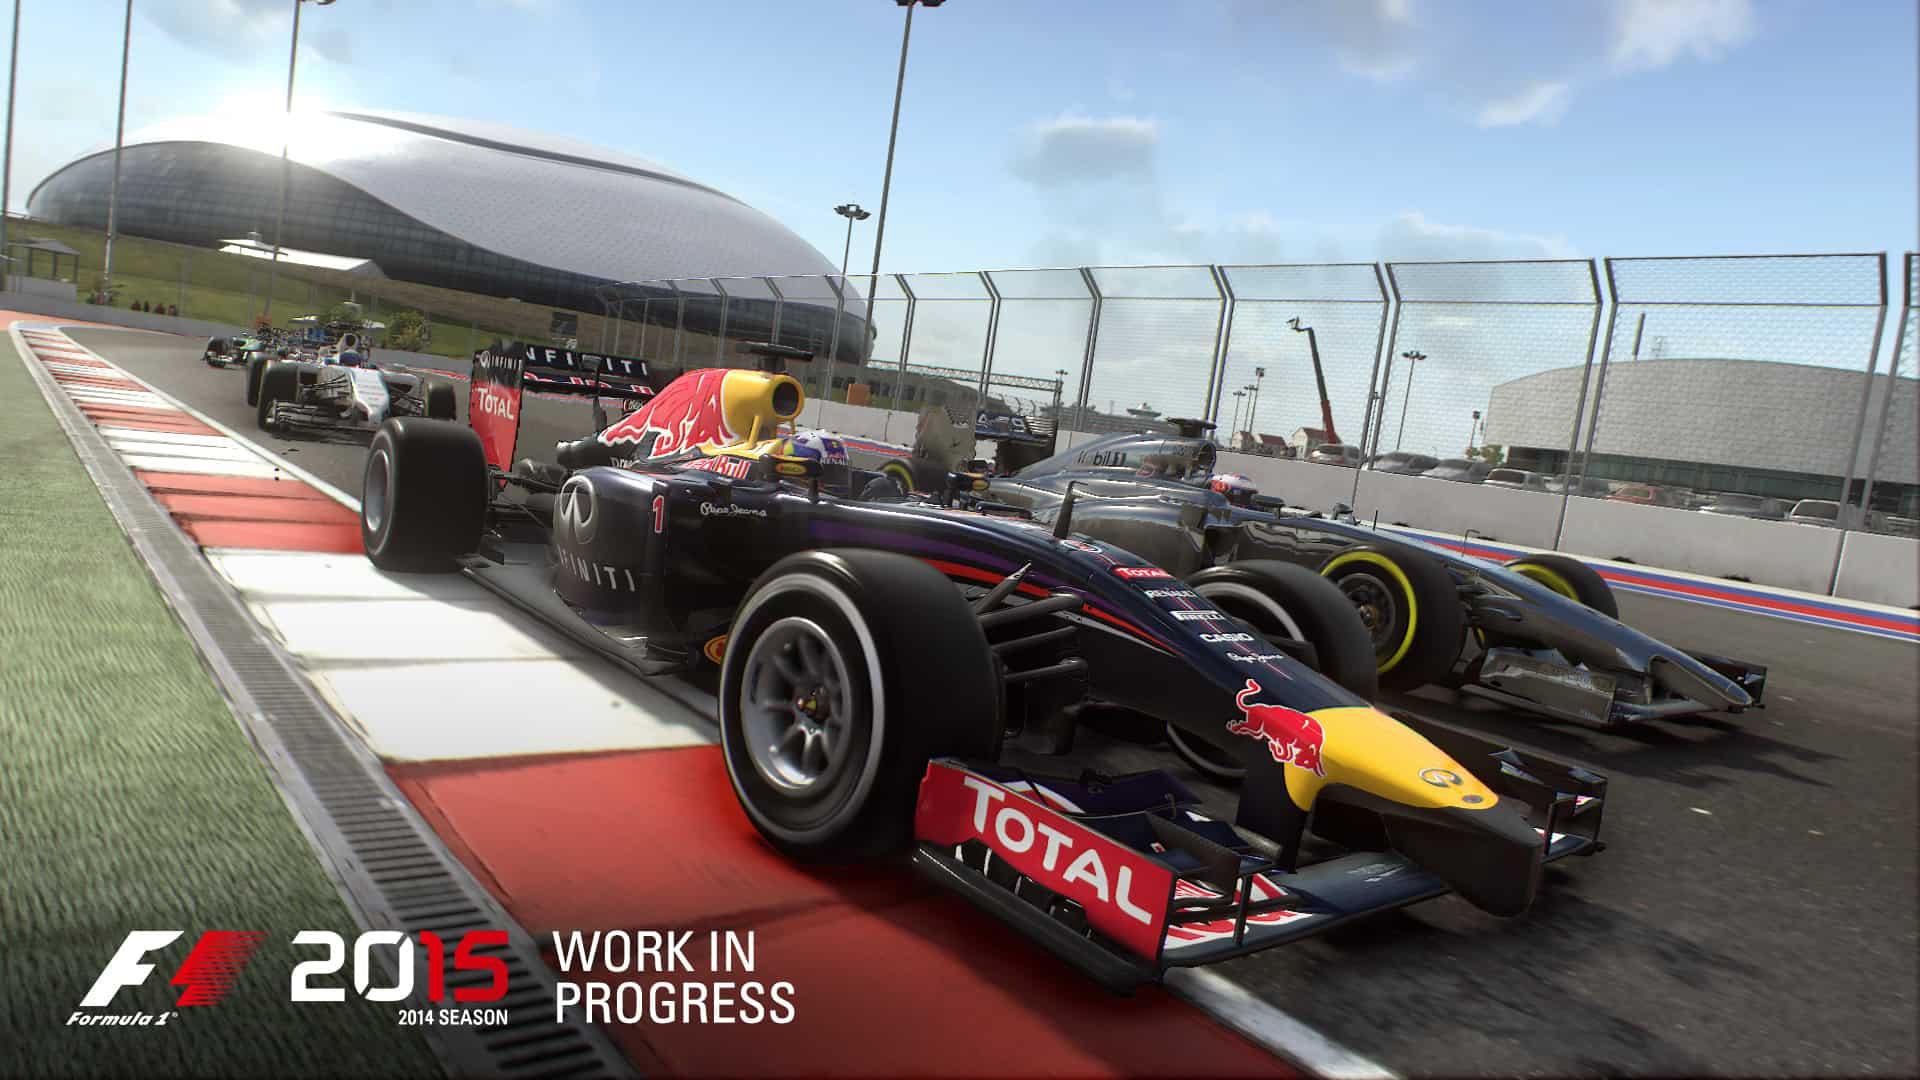 F1 2015 gratuit t l charger version complete pc plein activation jeux steam - Jeux de dora 2015 gratuit ...